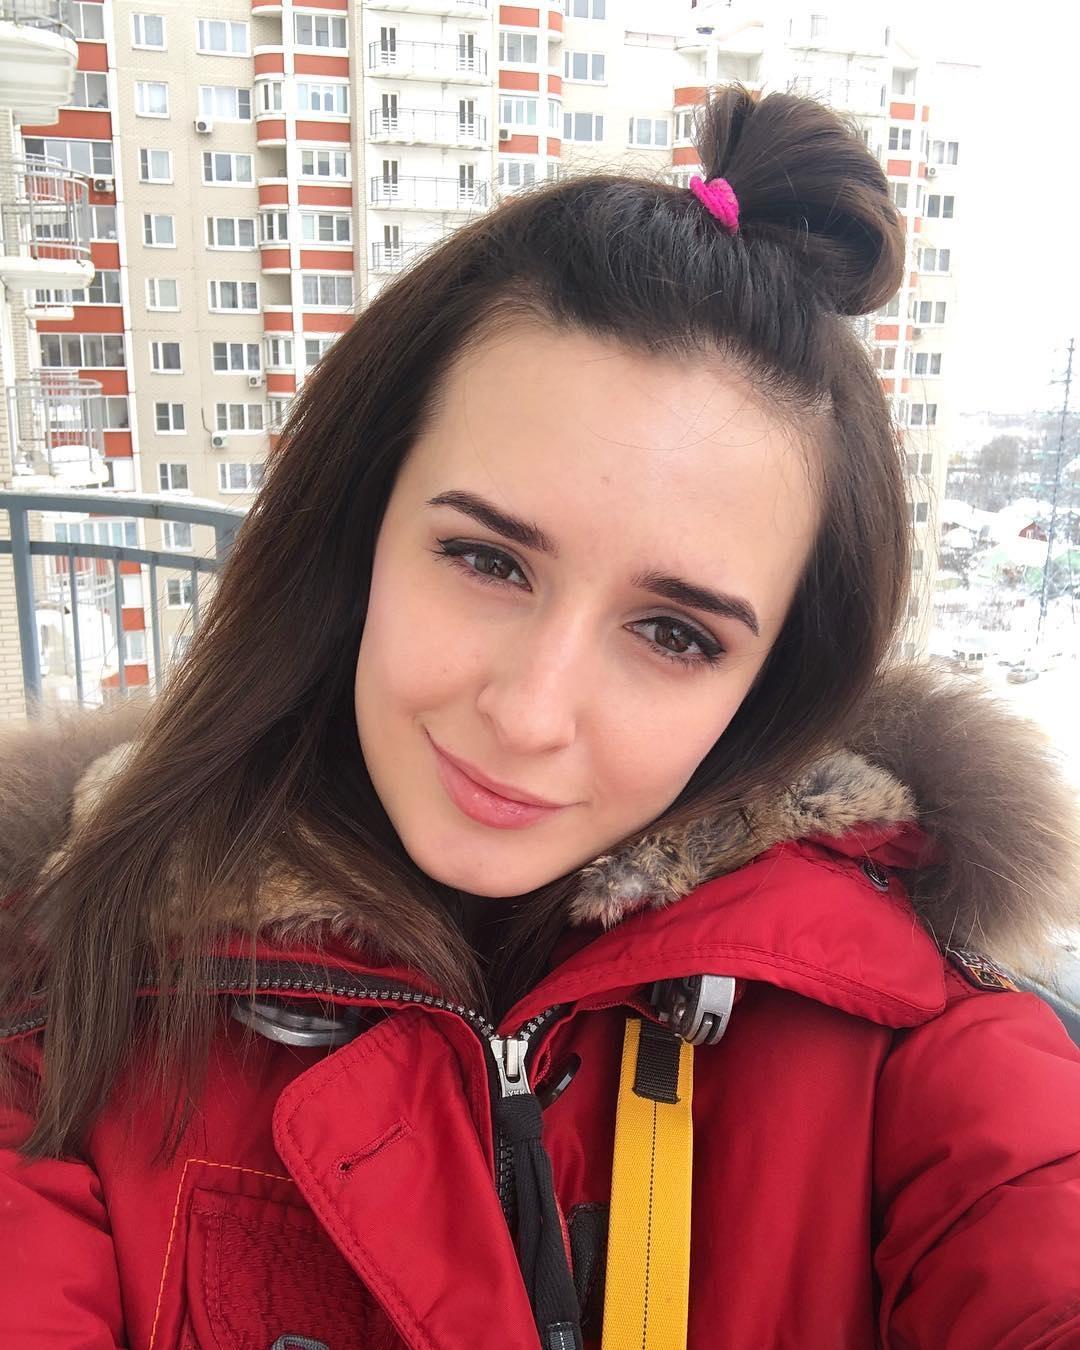 https://dom2life.ru/media/content/w1600/2018-02-14_11-05-33__d4f7fc2e-115d-11e8-9ab6-002590aa0fe7.jpg